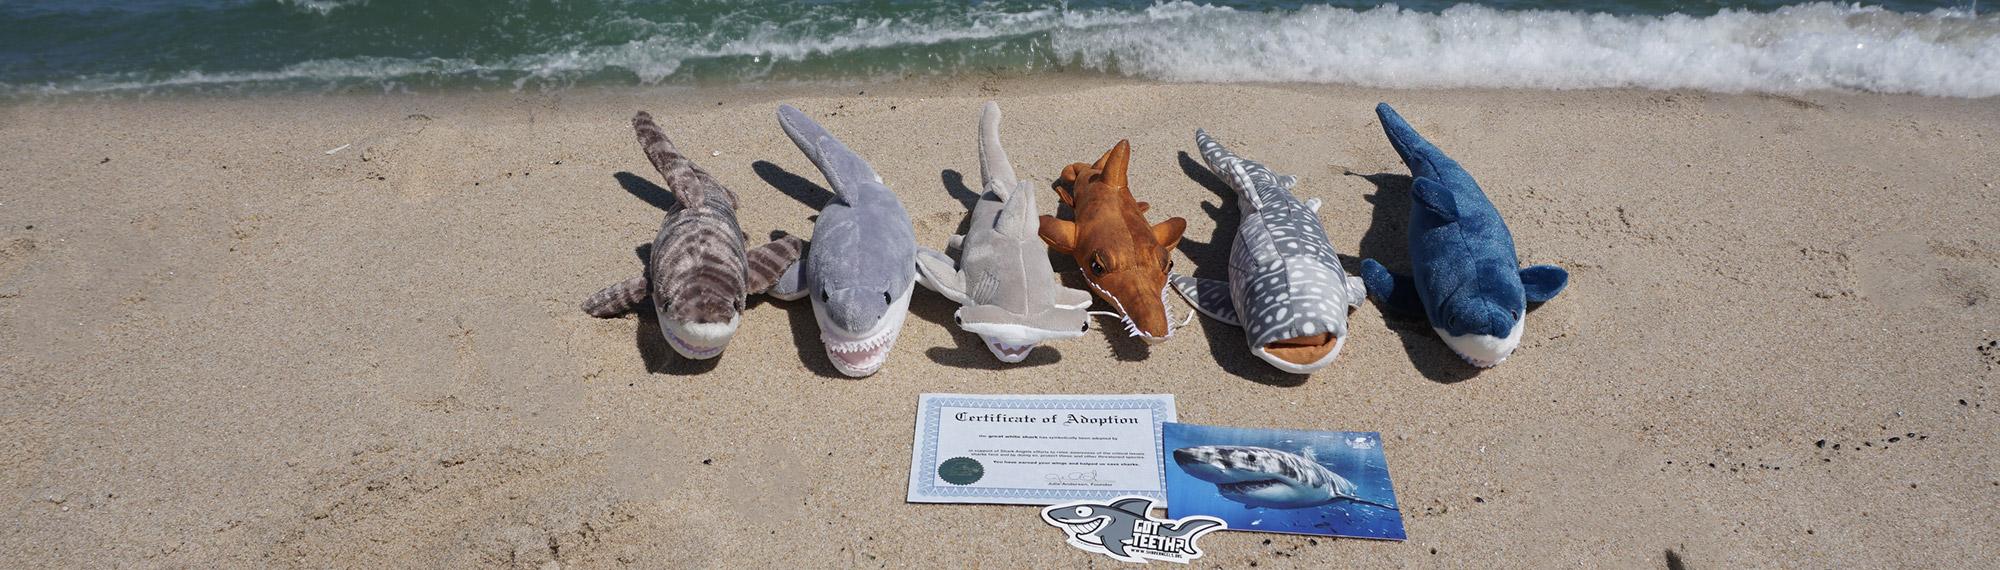 category-banner-shark-adoptions.jpg